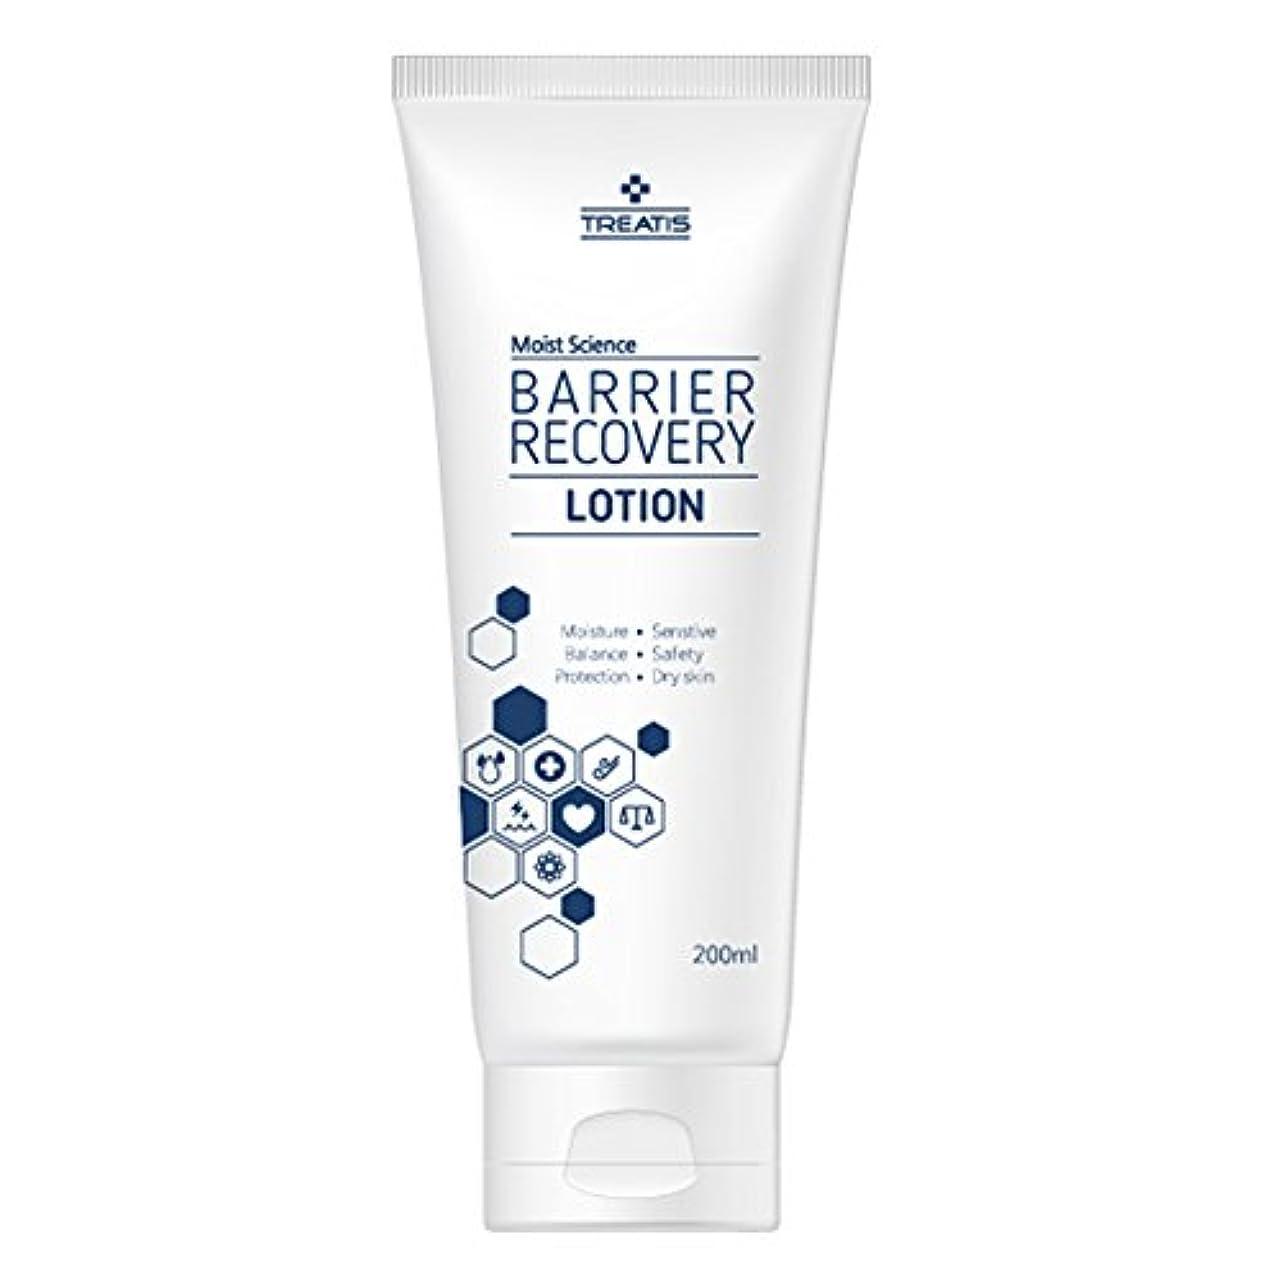 メロンロータリー加害者Treatis barrier recovery lotion 7oz (200ml)/Moisture, Senstive, Balance, Safty, Protection, Dry skin [並行輸入品]